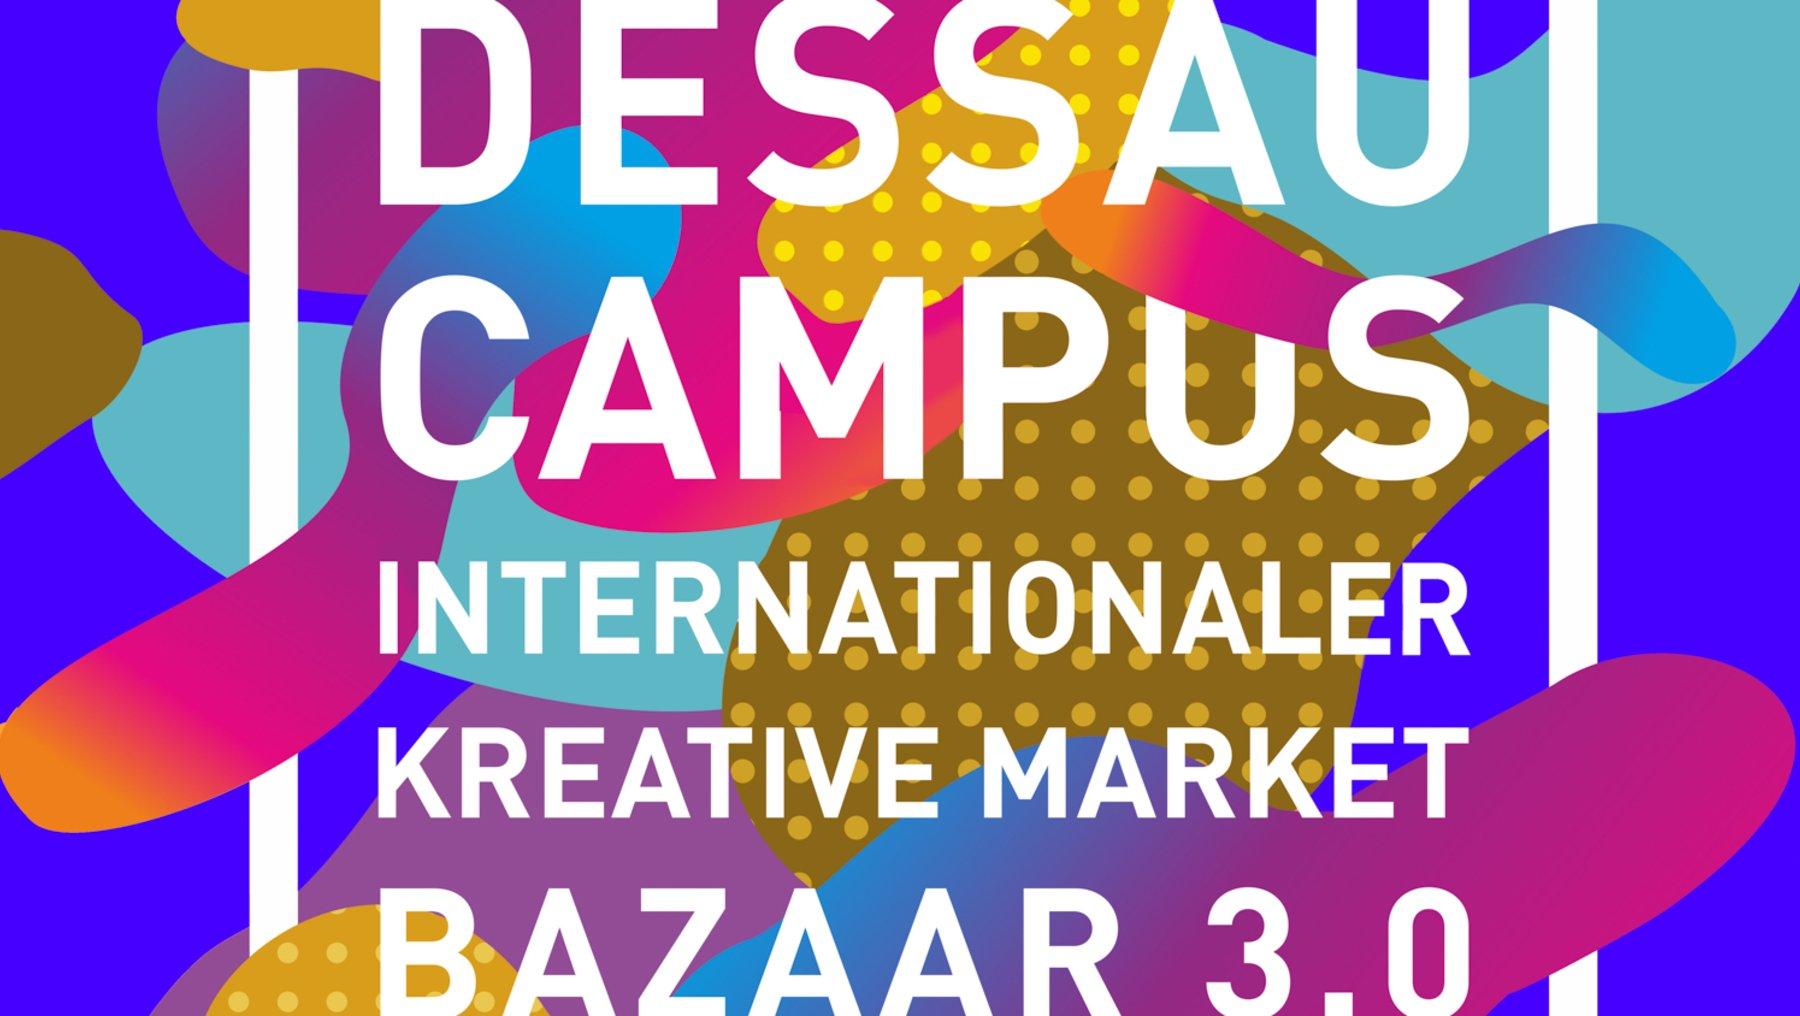 Creative Market Bazaar 3.0